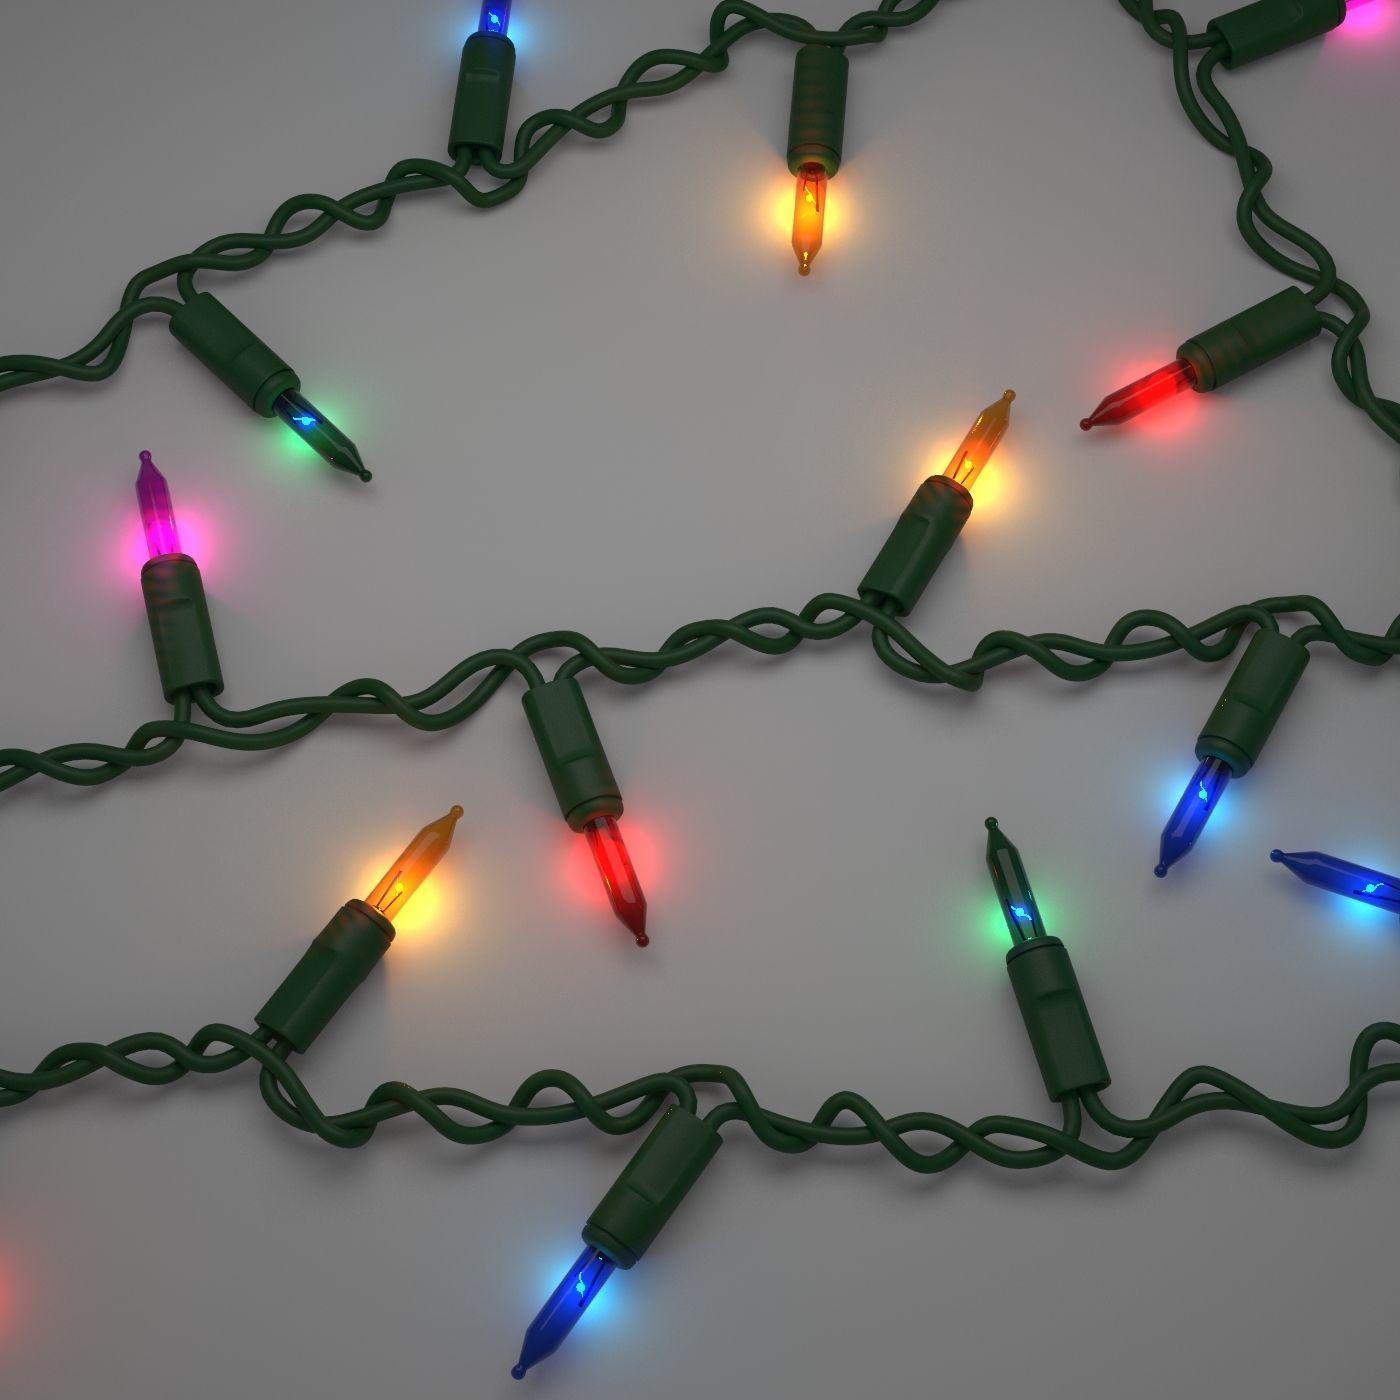 Model Strings Christmas Lights